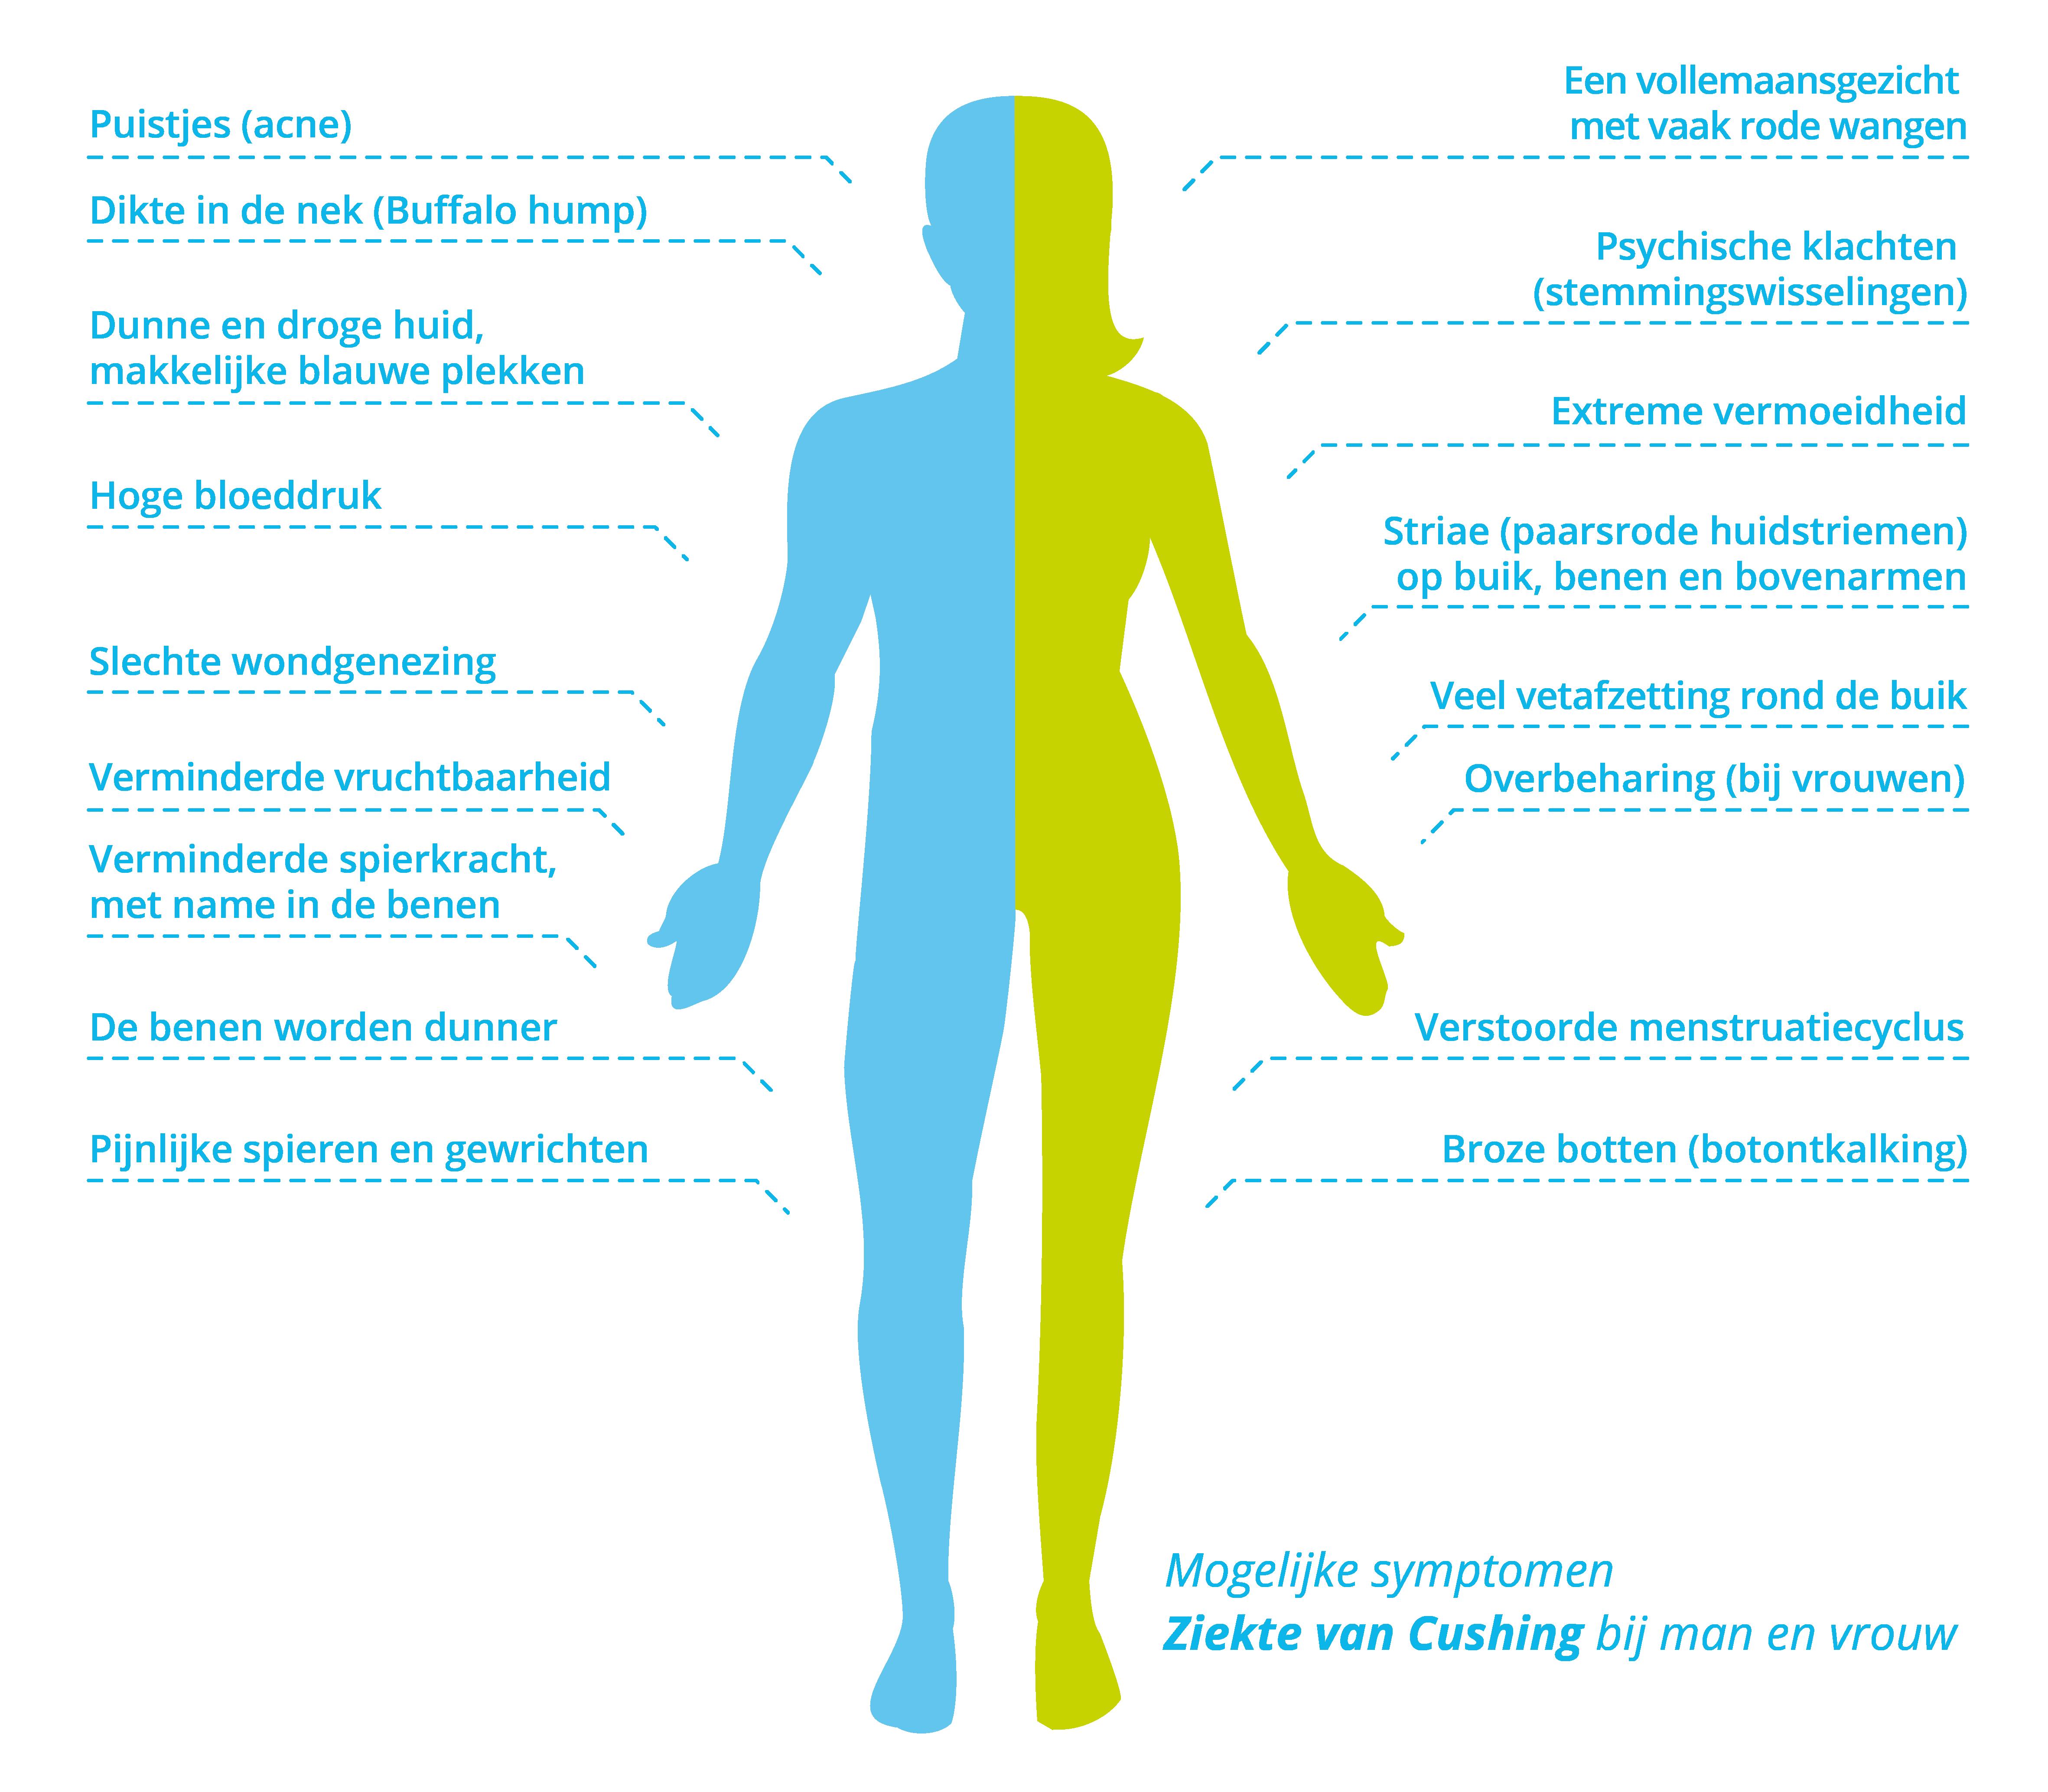 Symptomen ziekte van Cushing